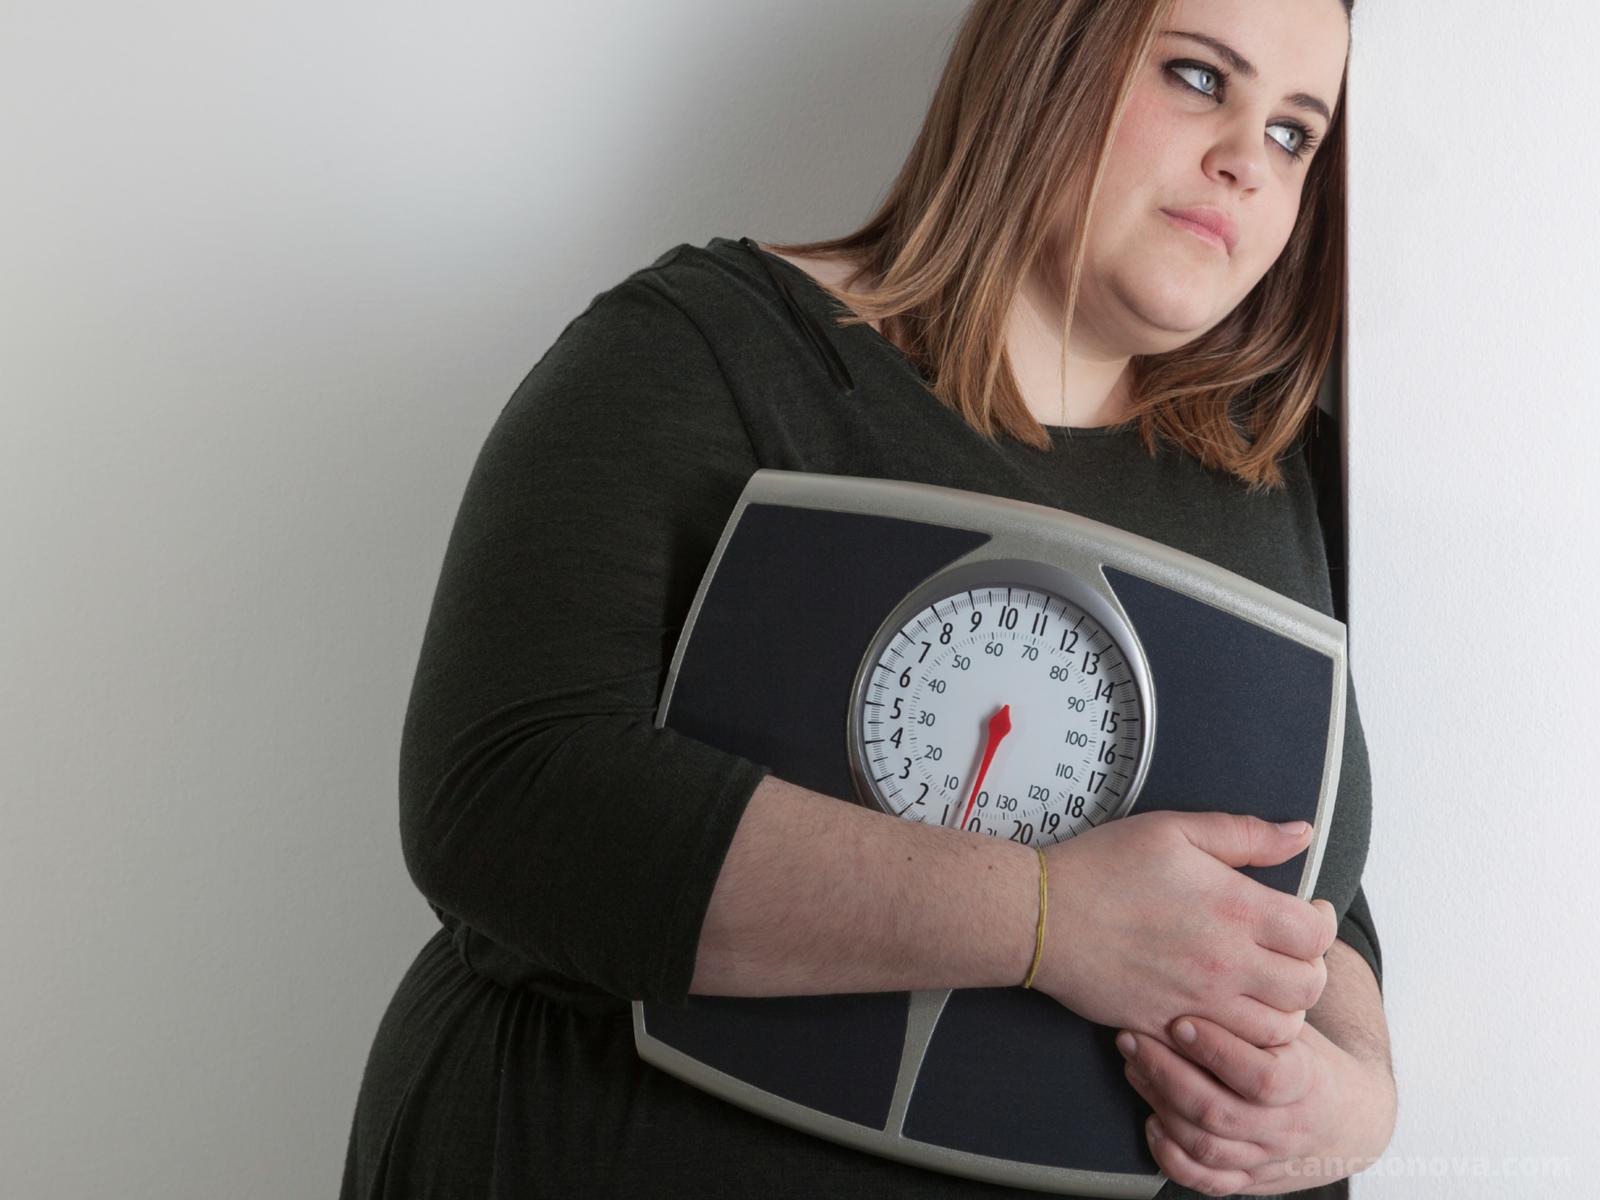 A obesidade está ligada diretamente a fatores emocionais - 1200 x 1600